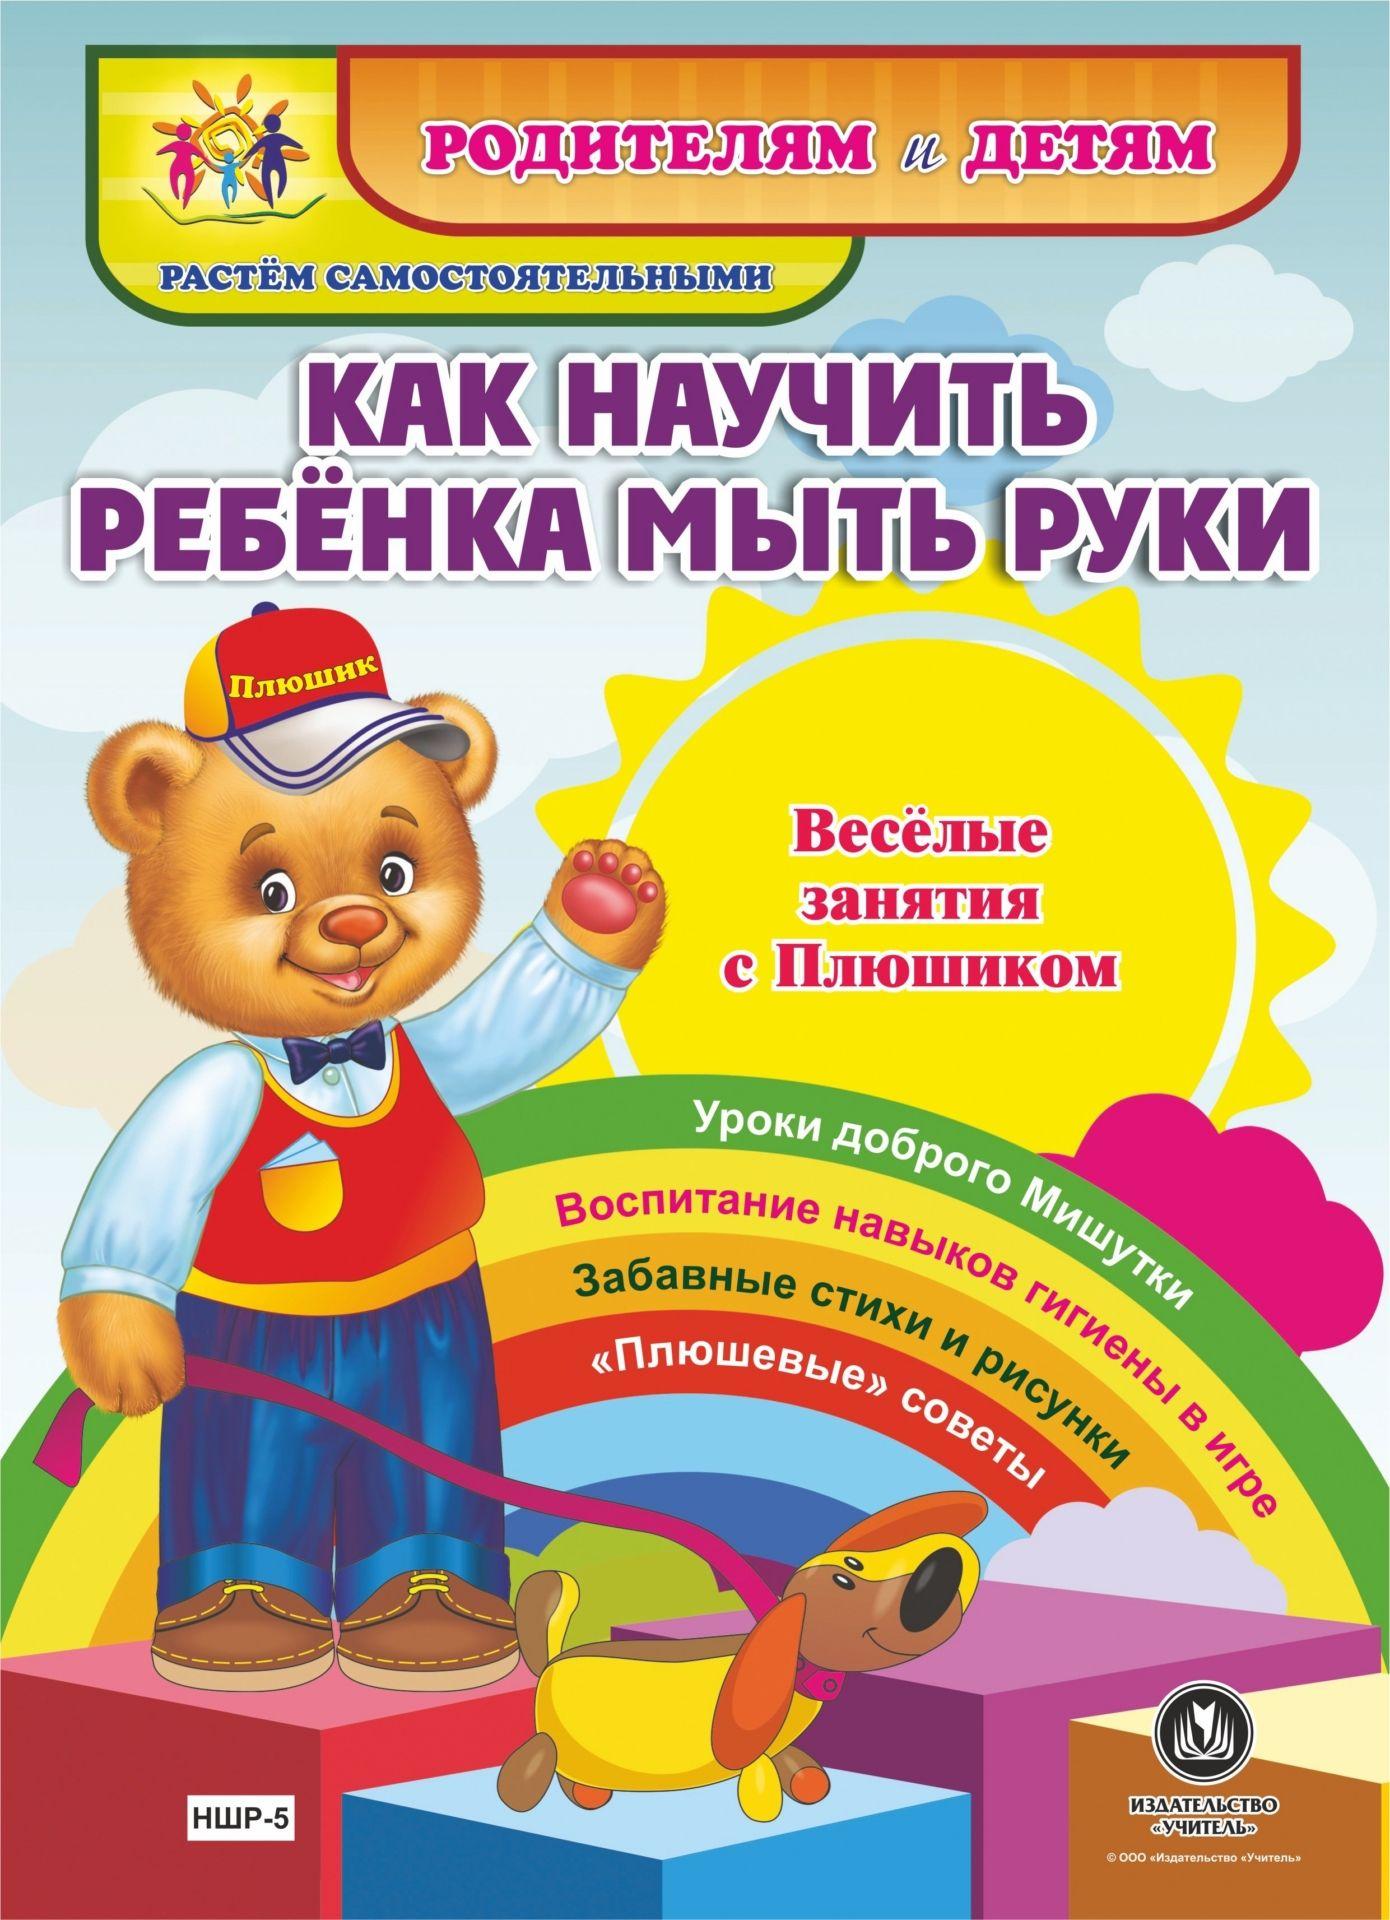 Как научить ребенка мыть руки. Веселые занятия с ПлюшикомЛитература для детей<br>Представляем книжку-гармошку Как научить ребенка мыть руки из серии Родителям и детям. Растём самостоятельными. Замечательное пособие повествует о том, как любимый детьми герой - мишутка Плюшик - с удовольствием делится на страницах красочной книжки-г...<br><br>Год: 2017<br>Серия: Родителям и детям. Растём самостоятельными<br>Высота: 290<br>Ширина: 210<br>Переплёт: набор